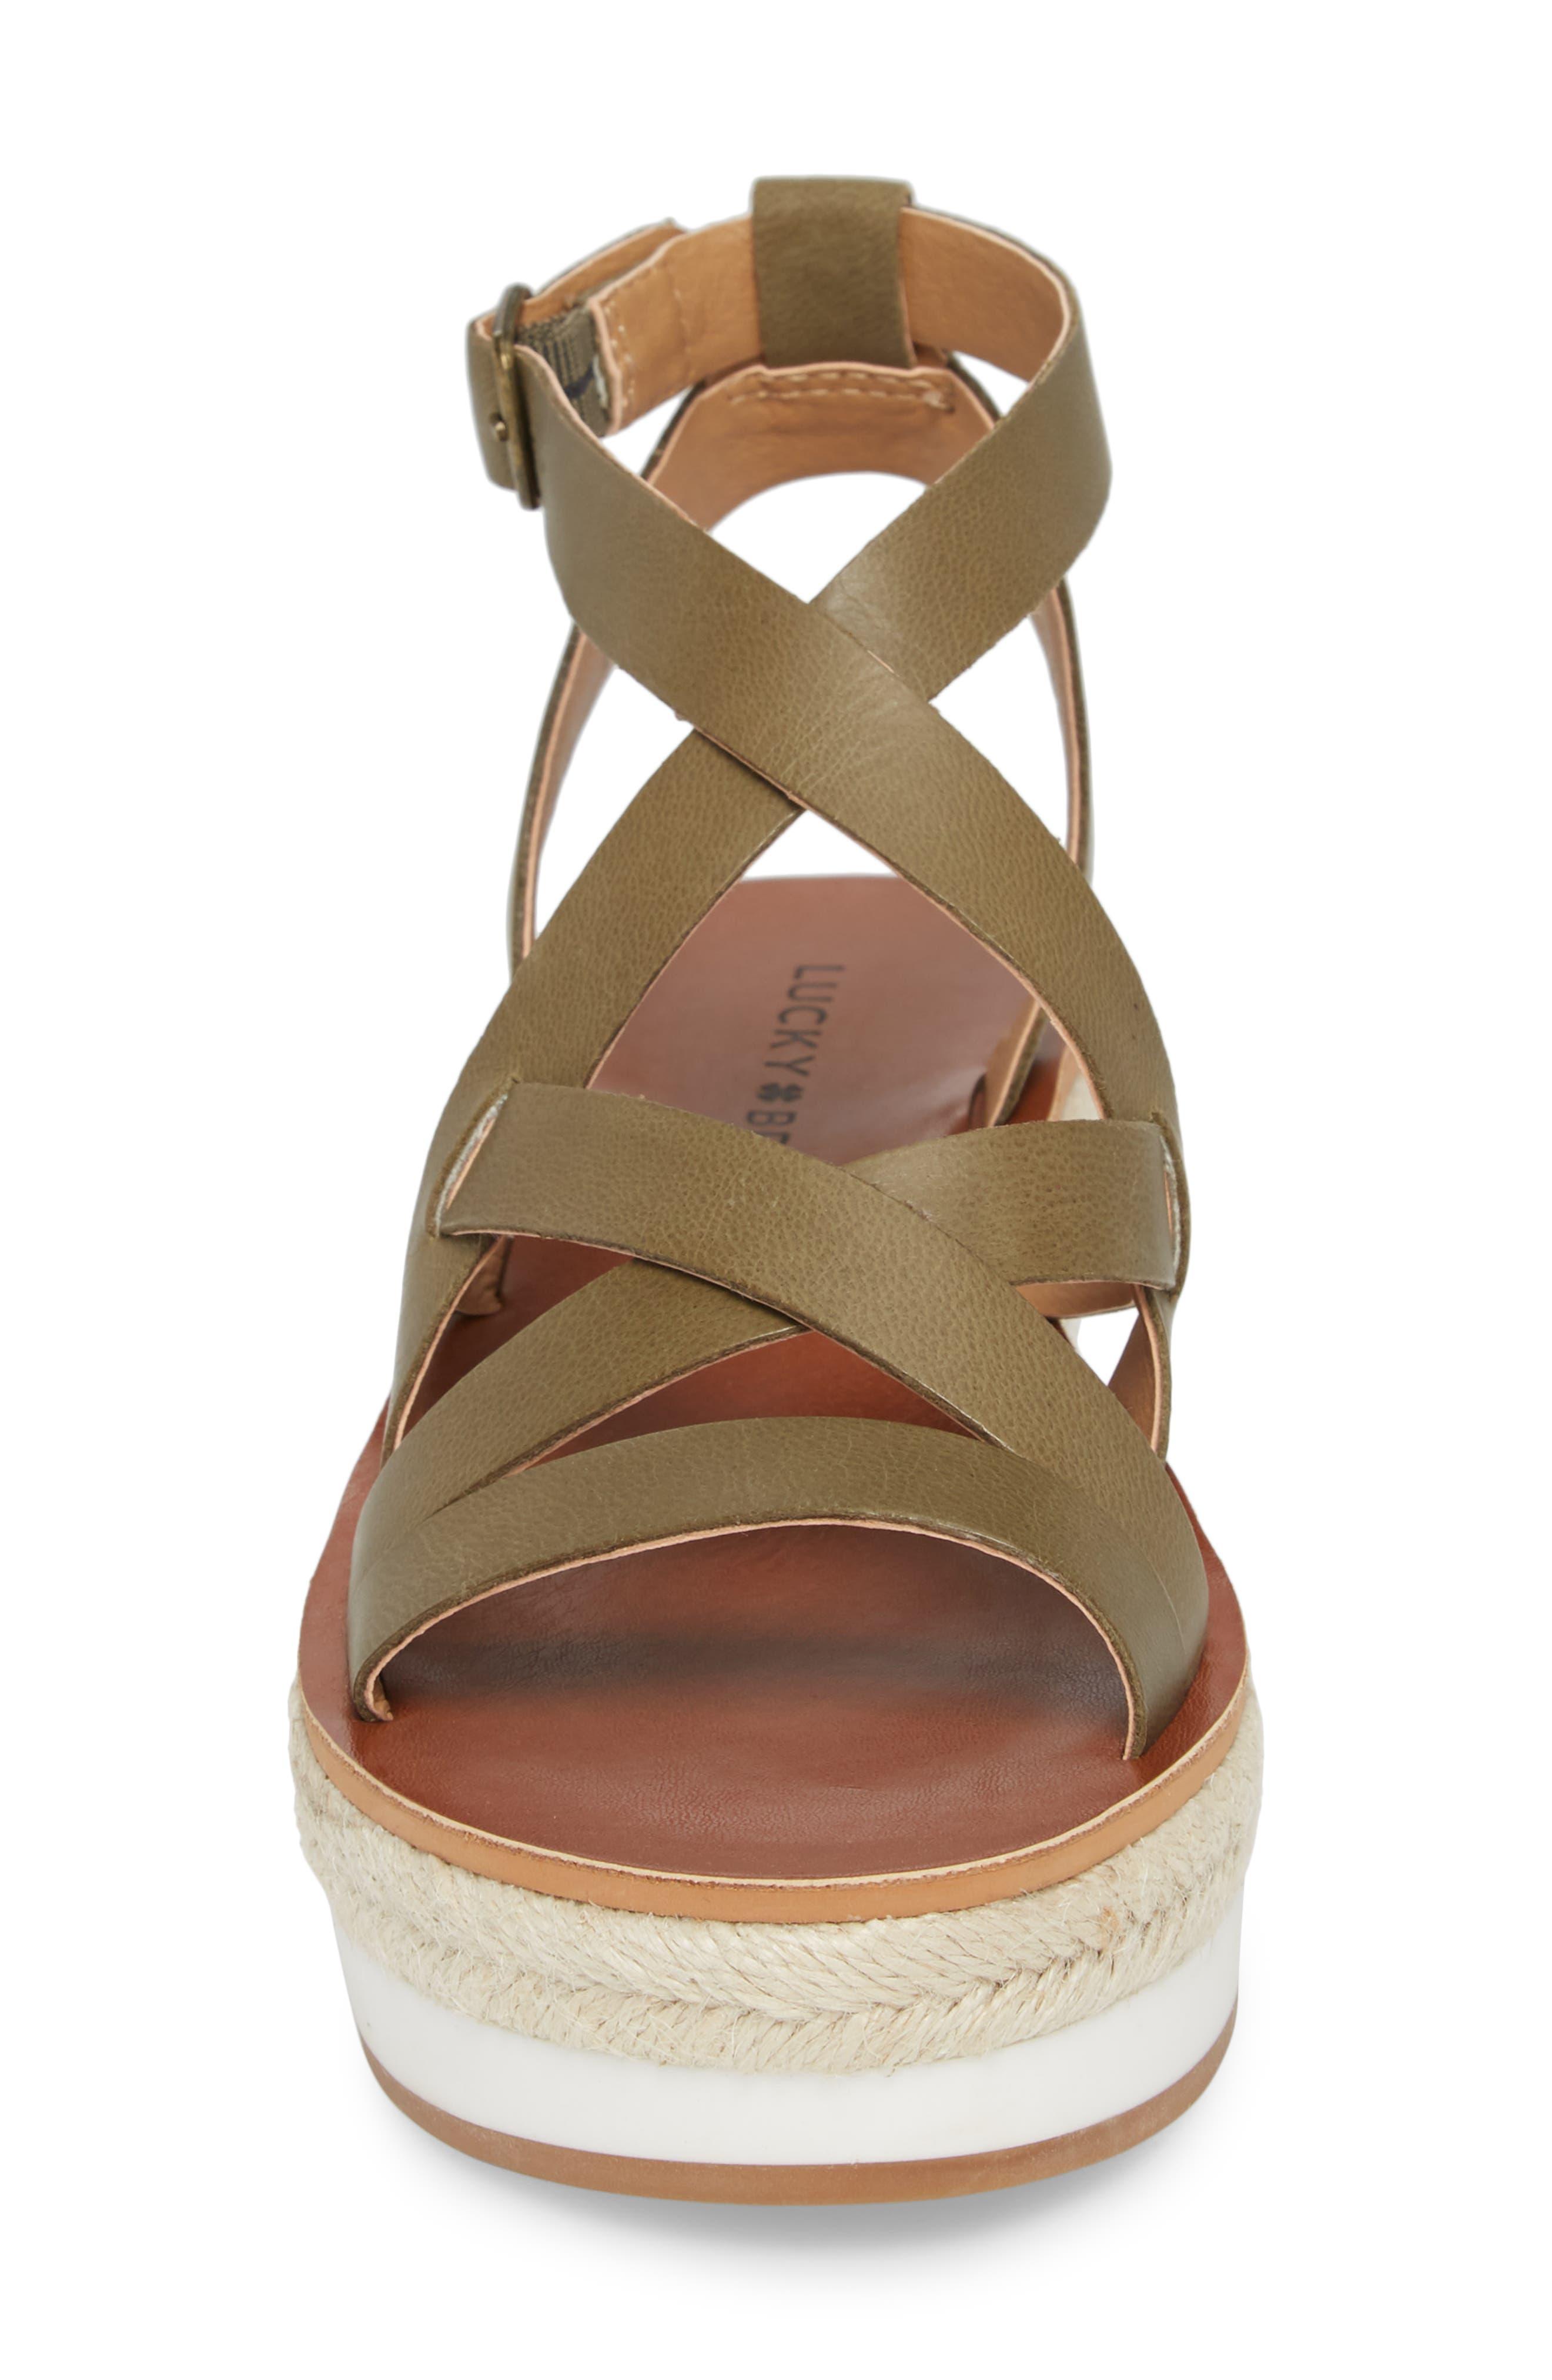 LUCKY BRAND, Jenepper Platform Wedge Sandal, Alternate thumbnail 4, color, DRAB LEATHER